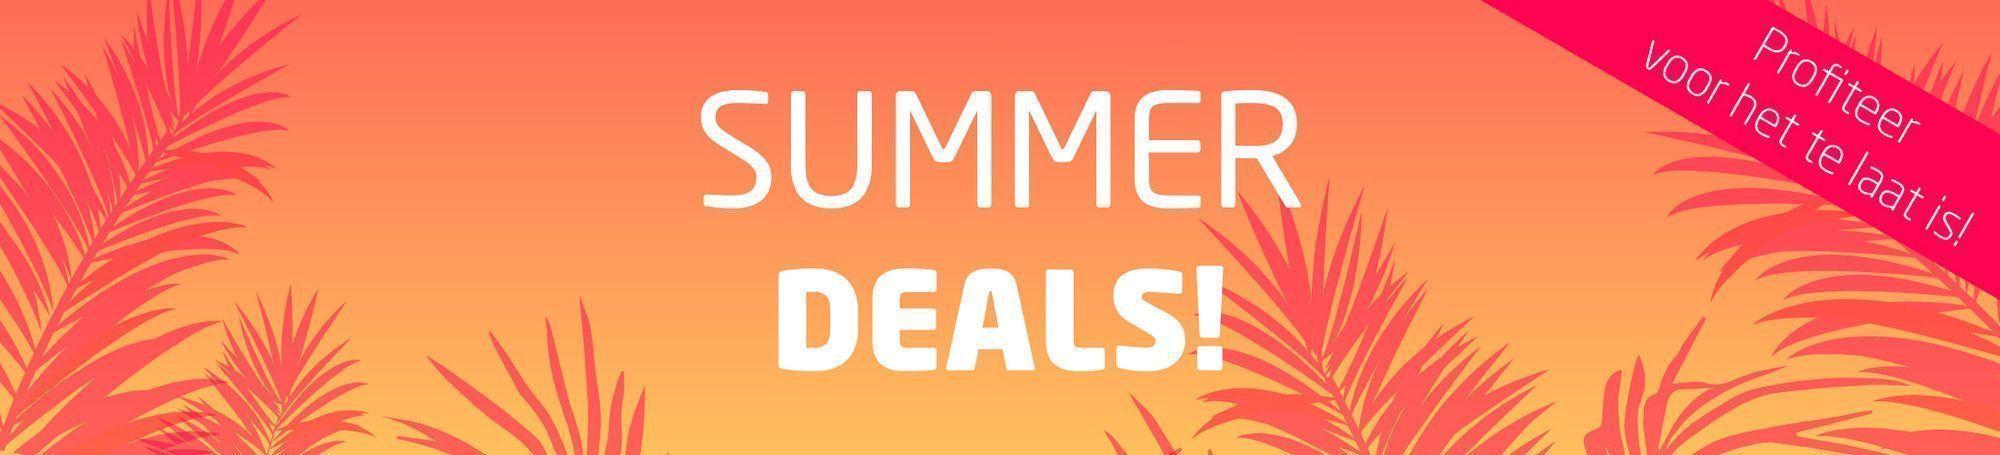 Summer Deals 2019!